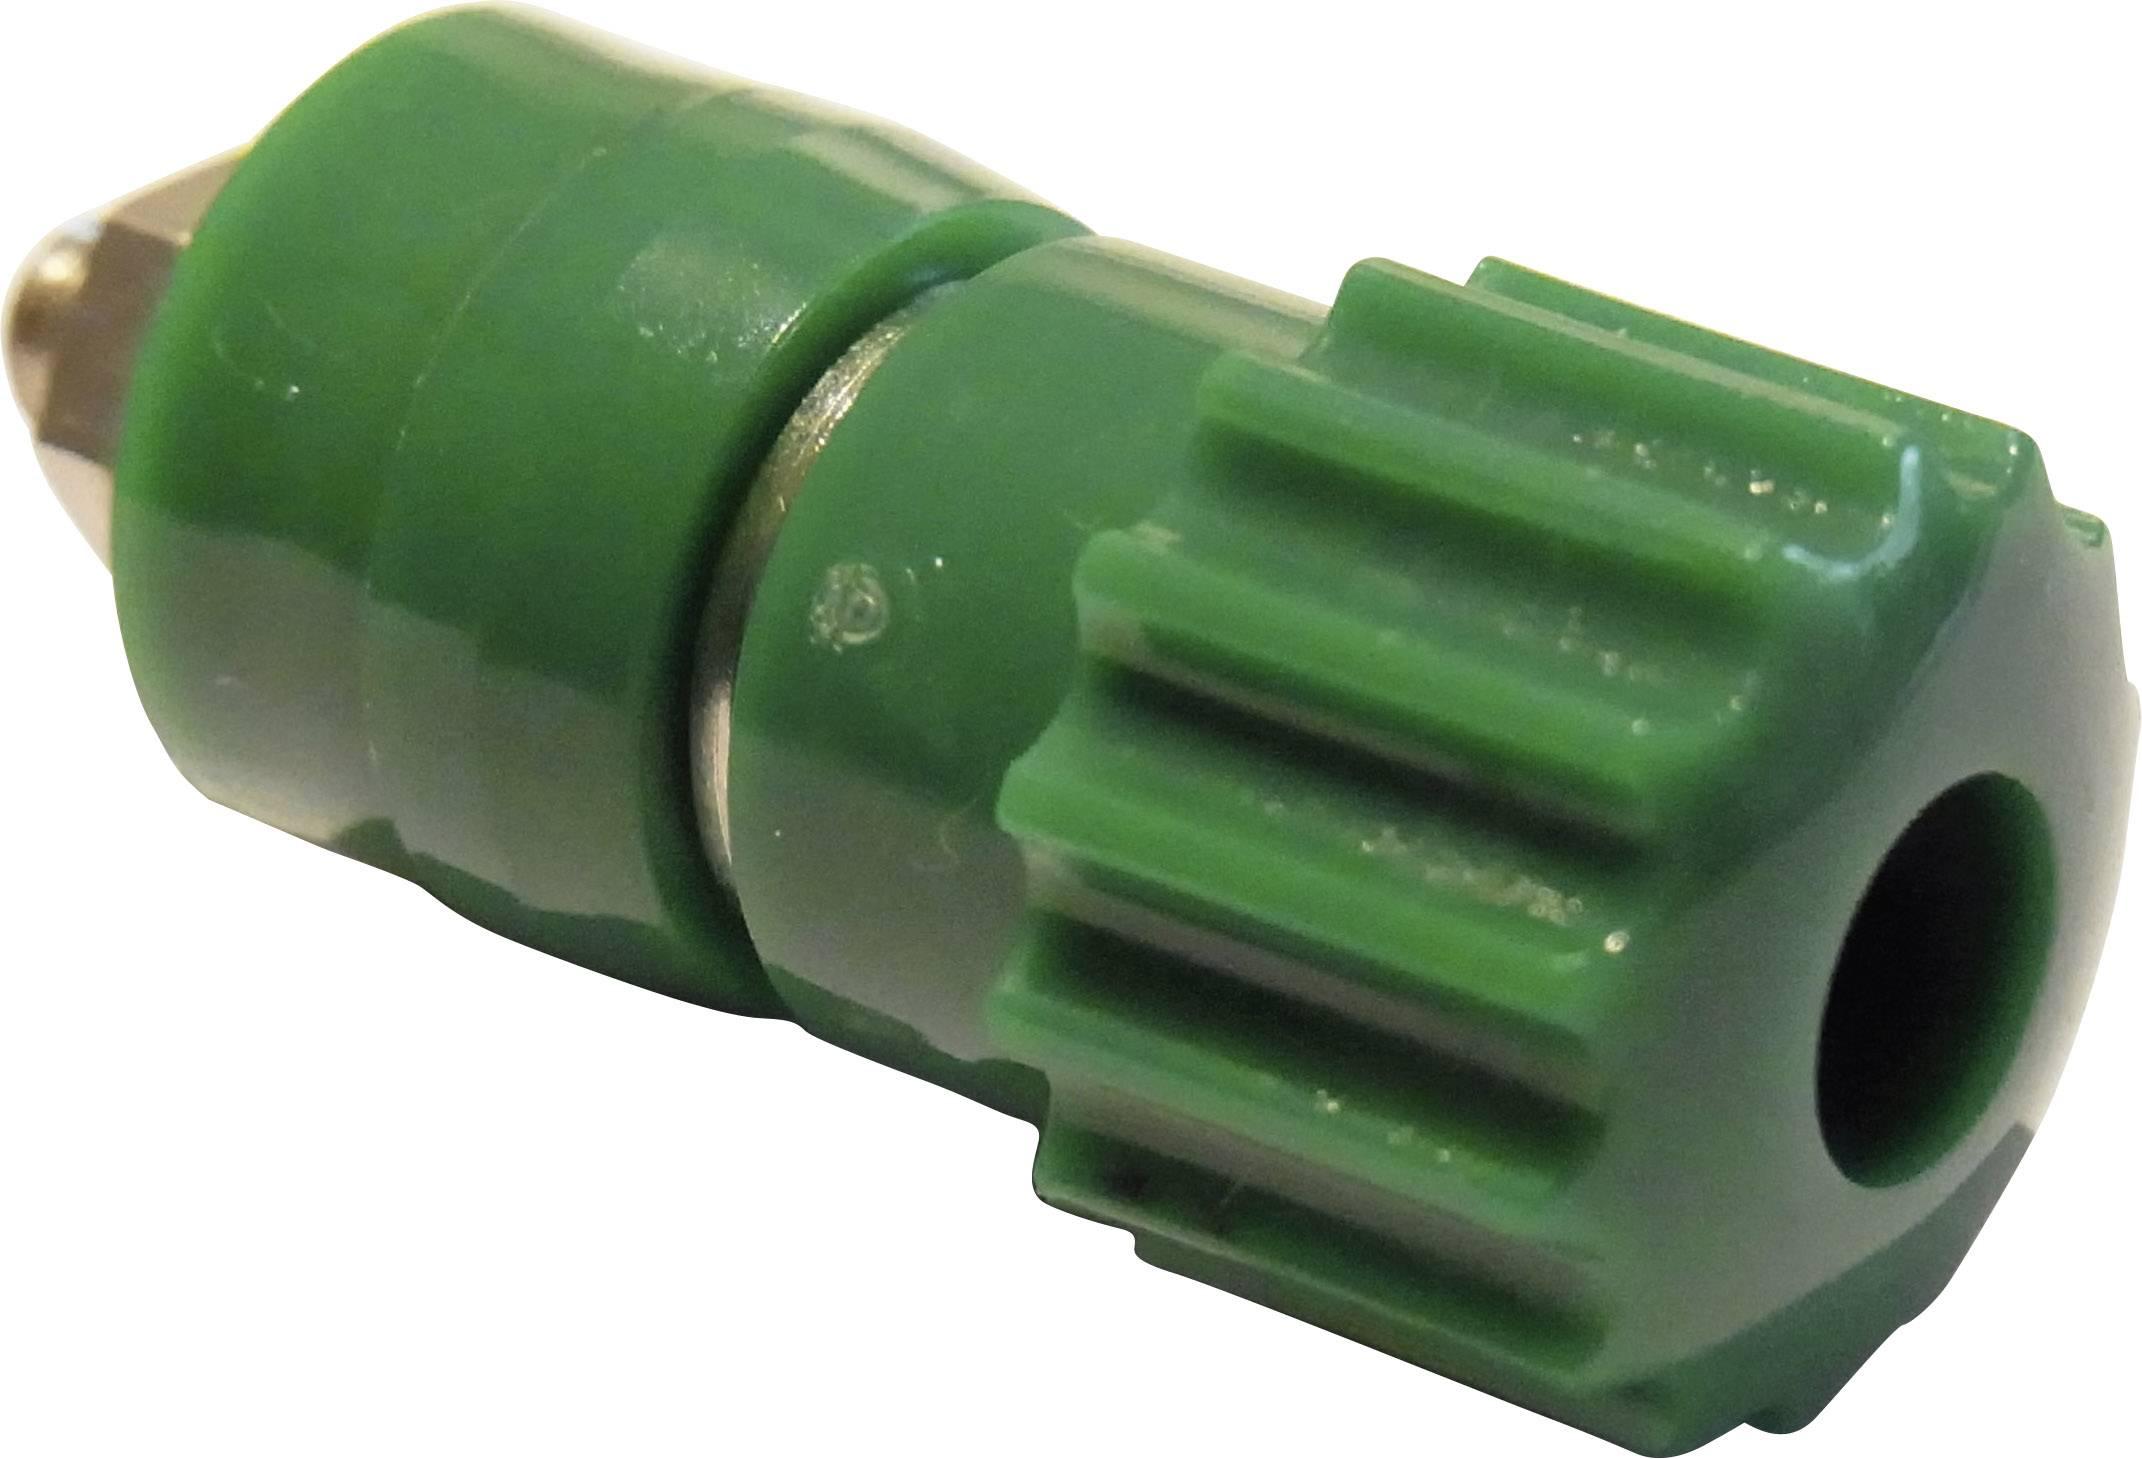 Pólová svorka Schnepp 16 A, zelená, 1 ks